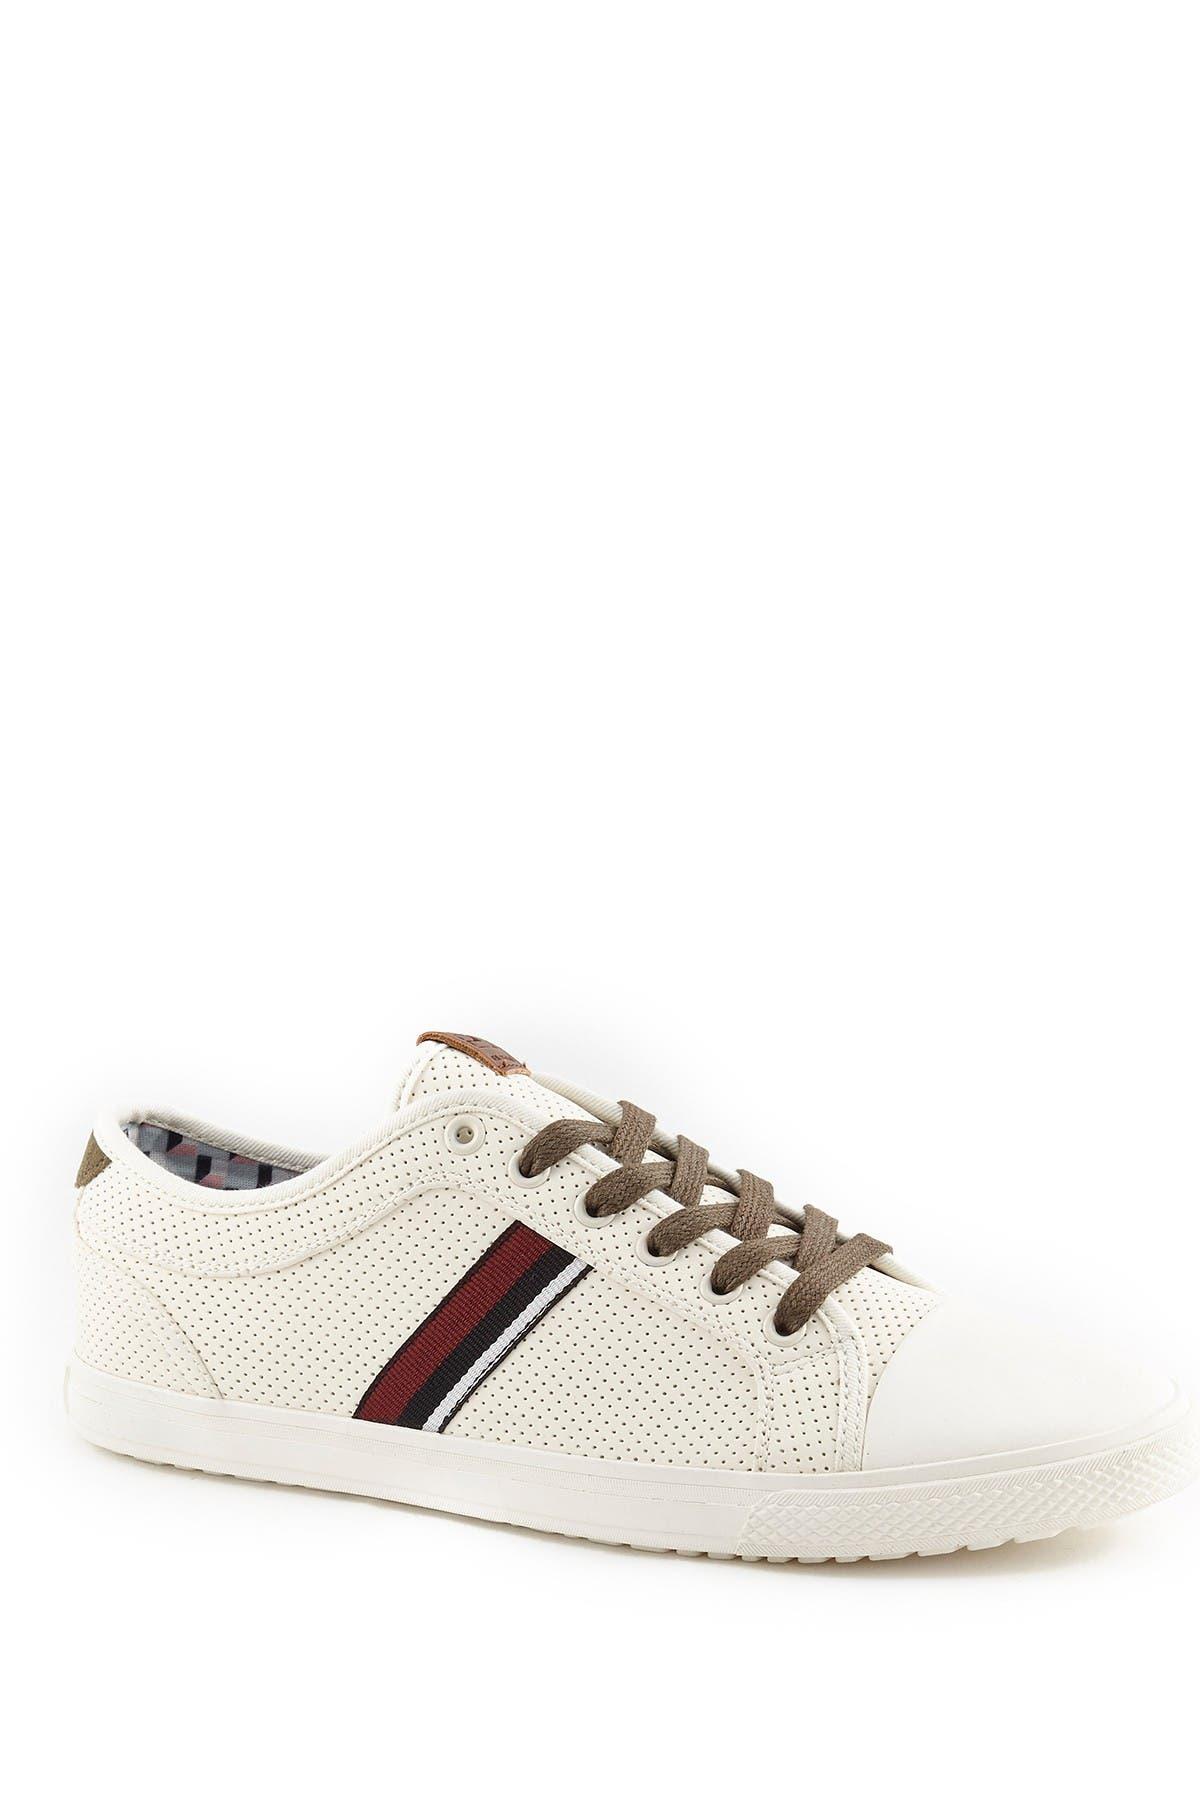 Ben Sherman   Madison Sneaker